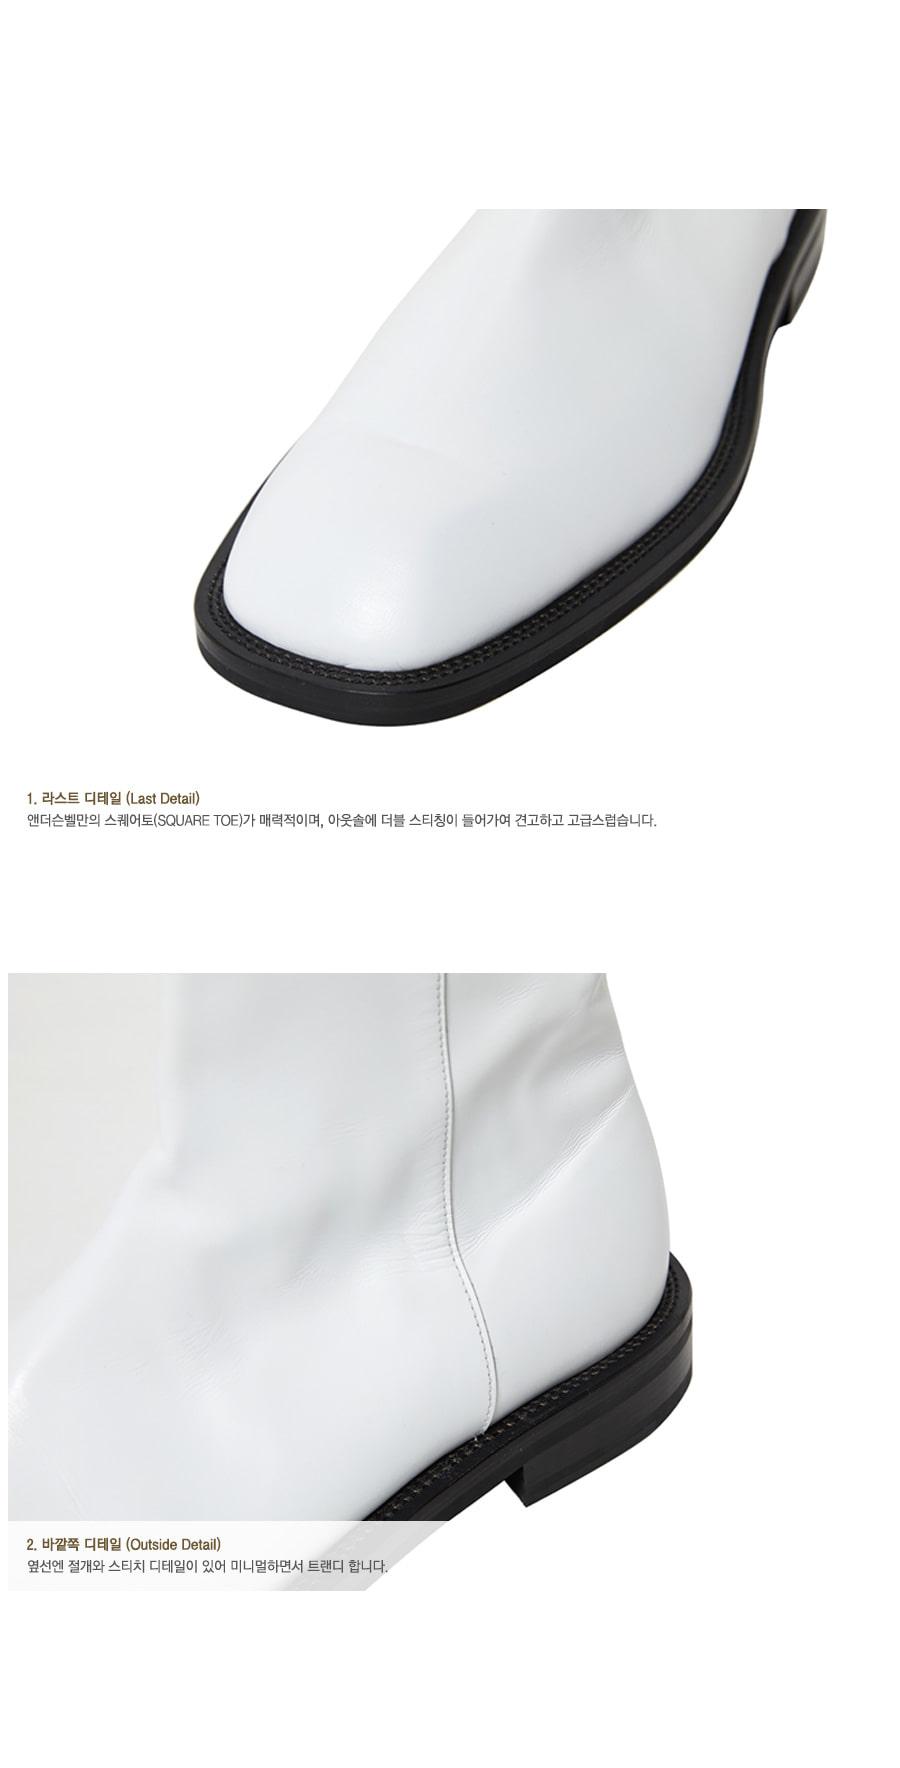 앤더슨벨(ANDERSSON BELL) 앤더슨 스퀘어토 첼시 부츠 aaa202m(White)